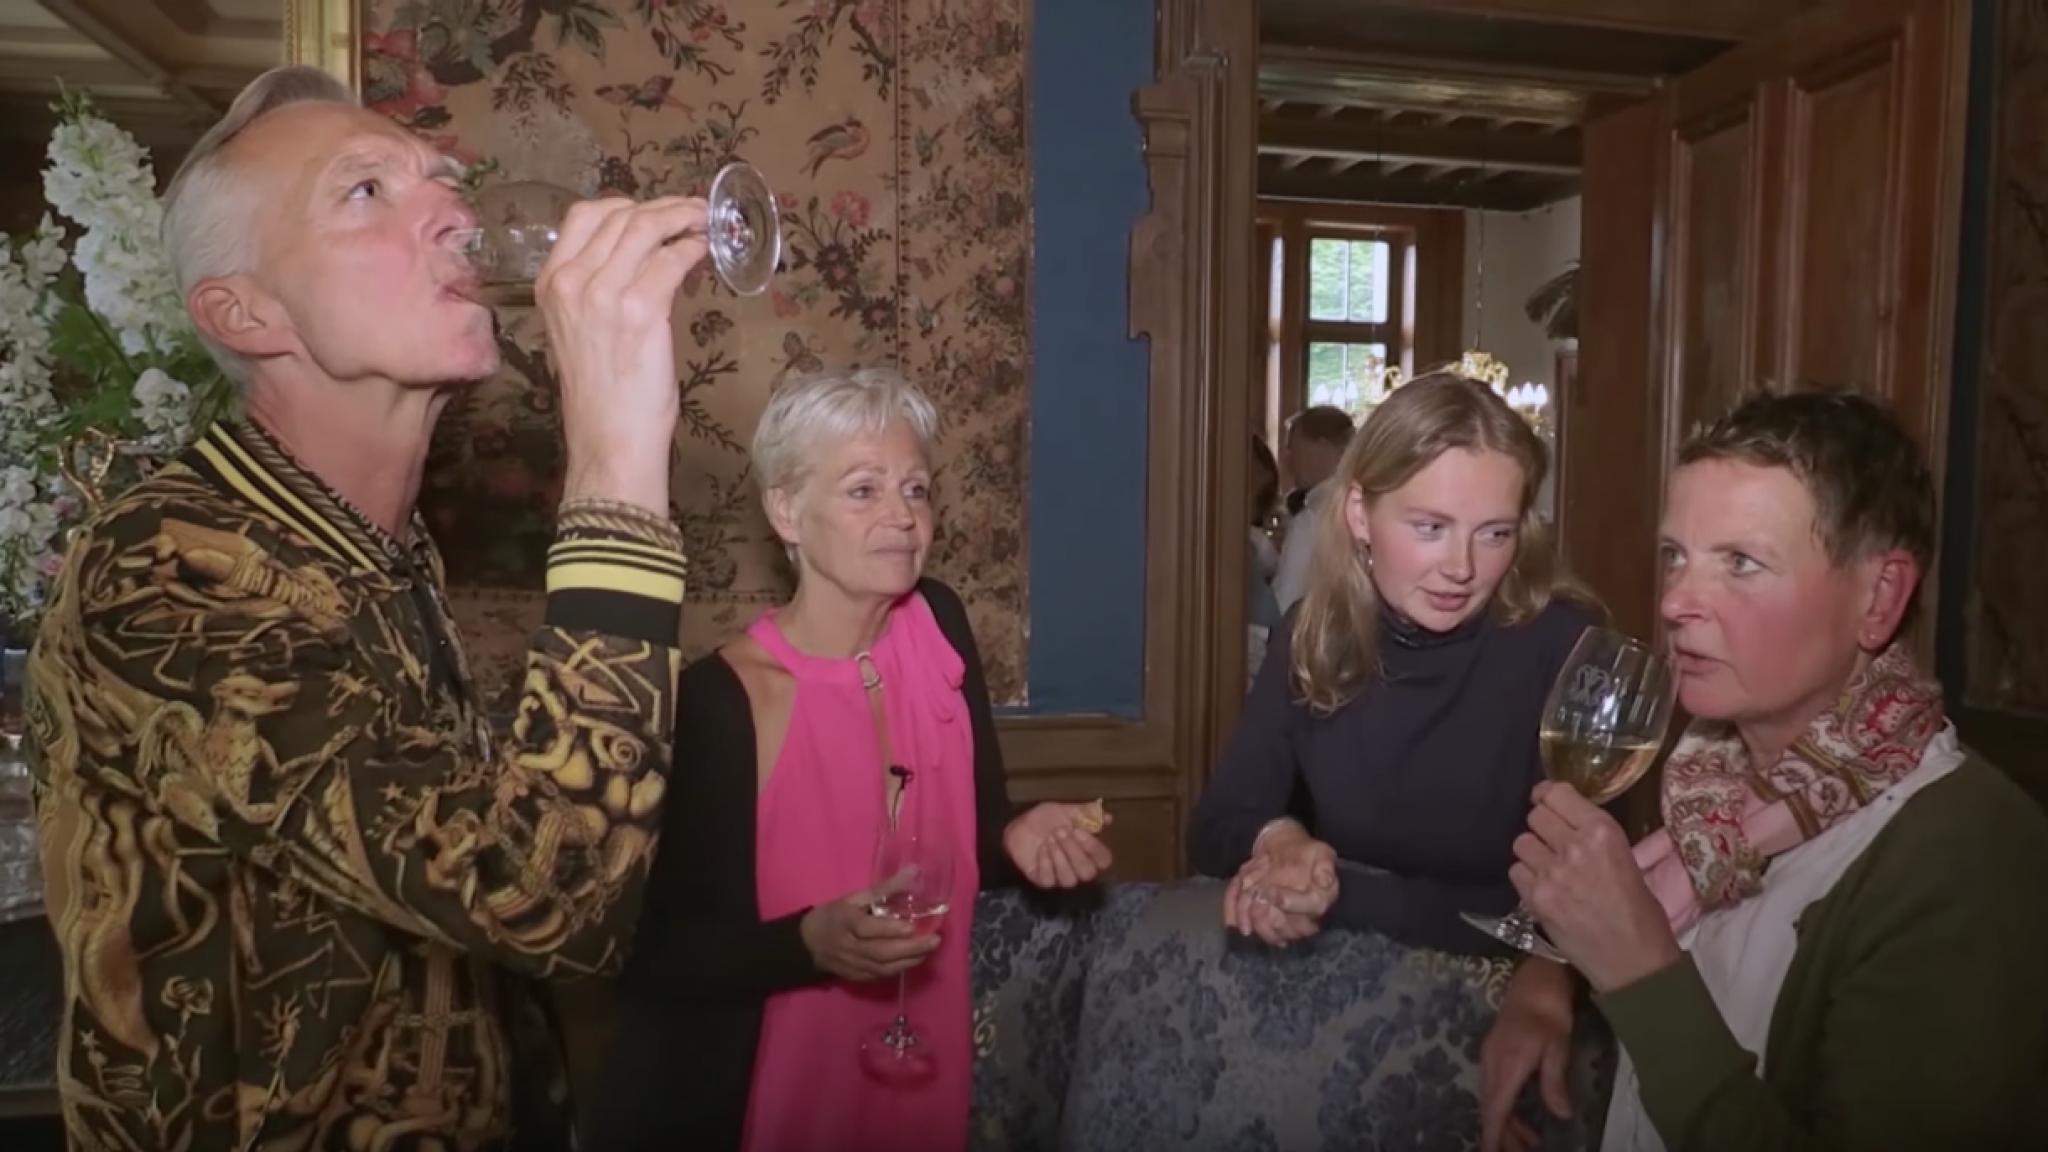 Nieuwe Afleveringen Chateau Meiland Bijna Op Tv